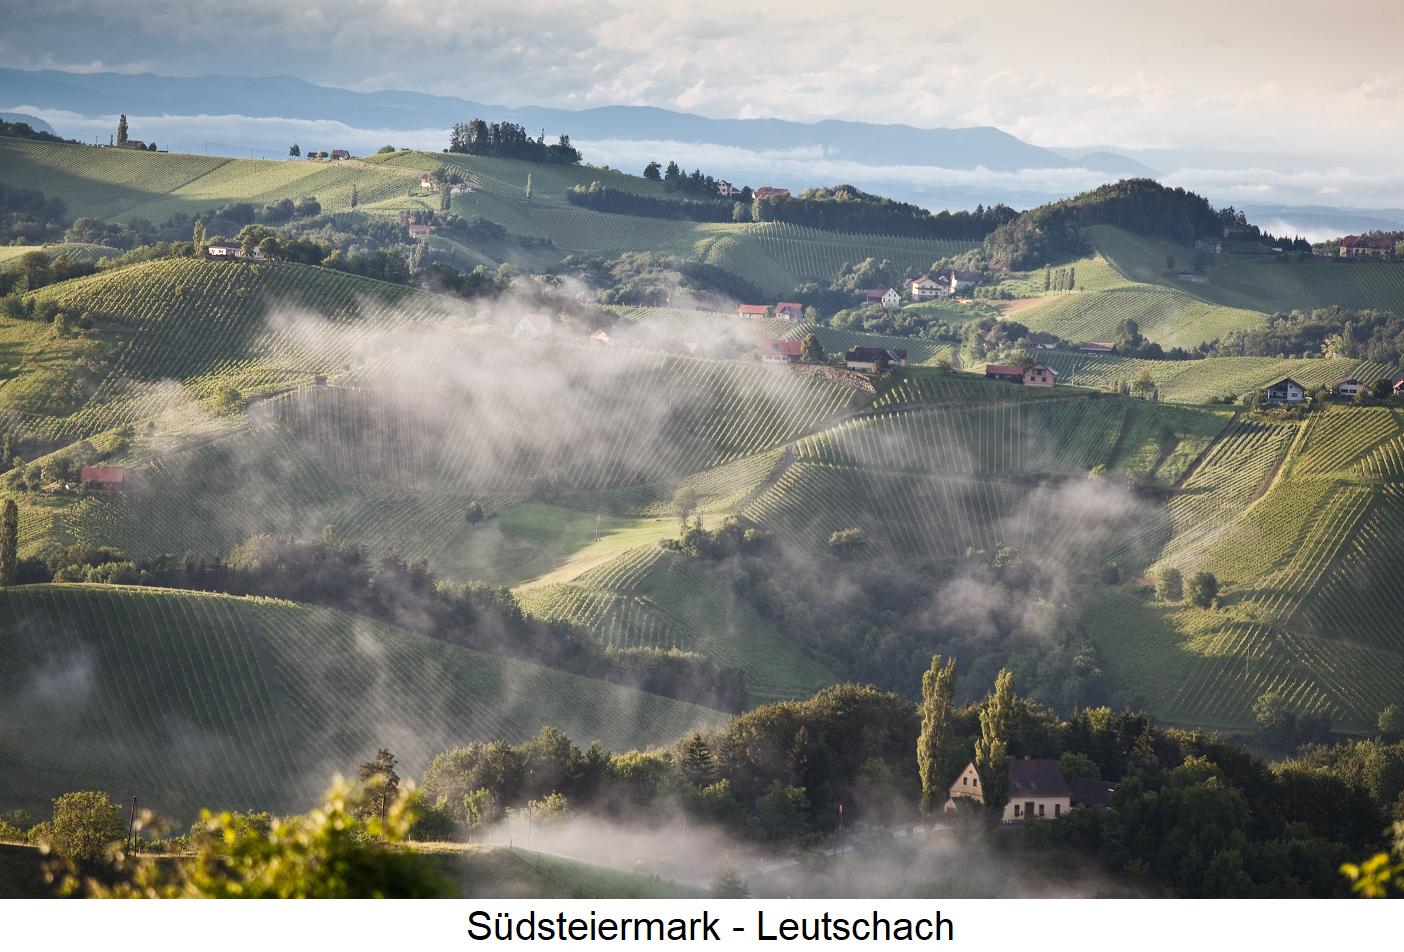 Southern Styria - Leutschach